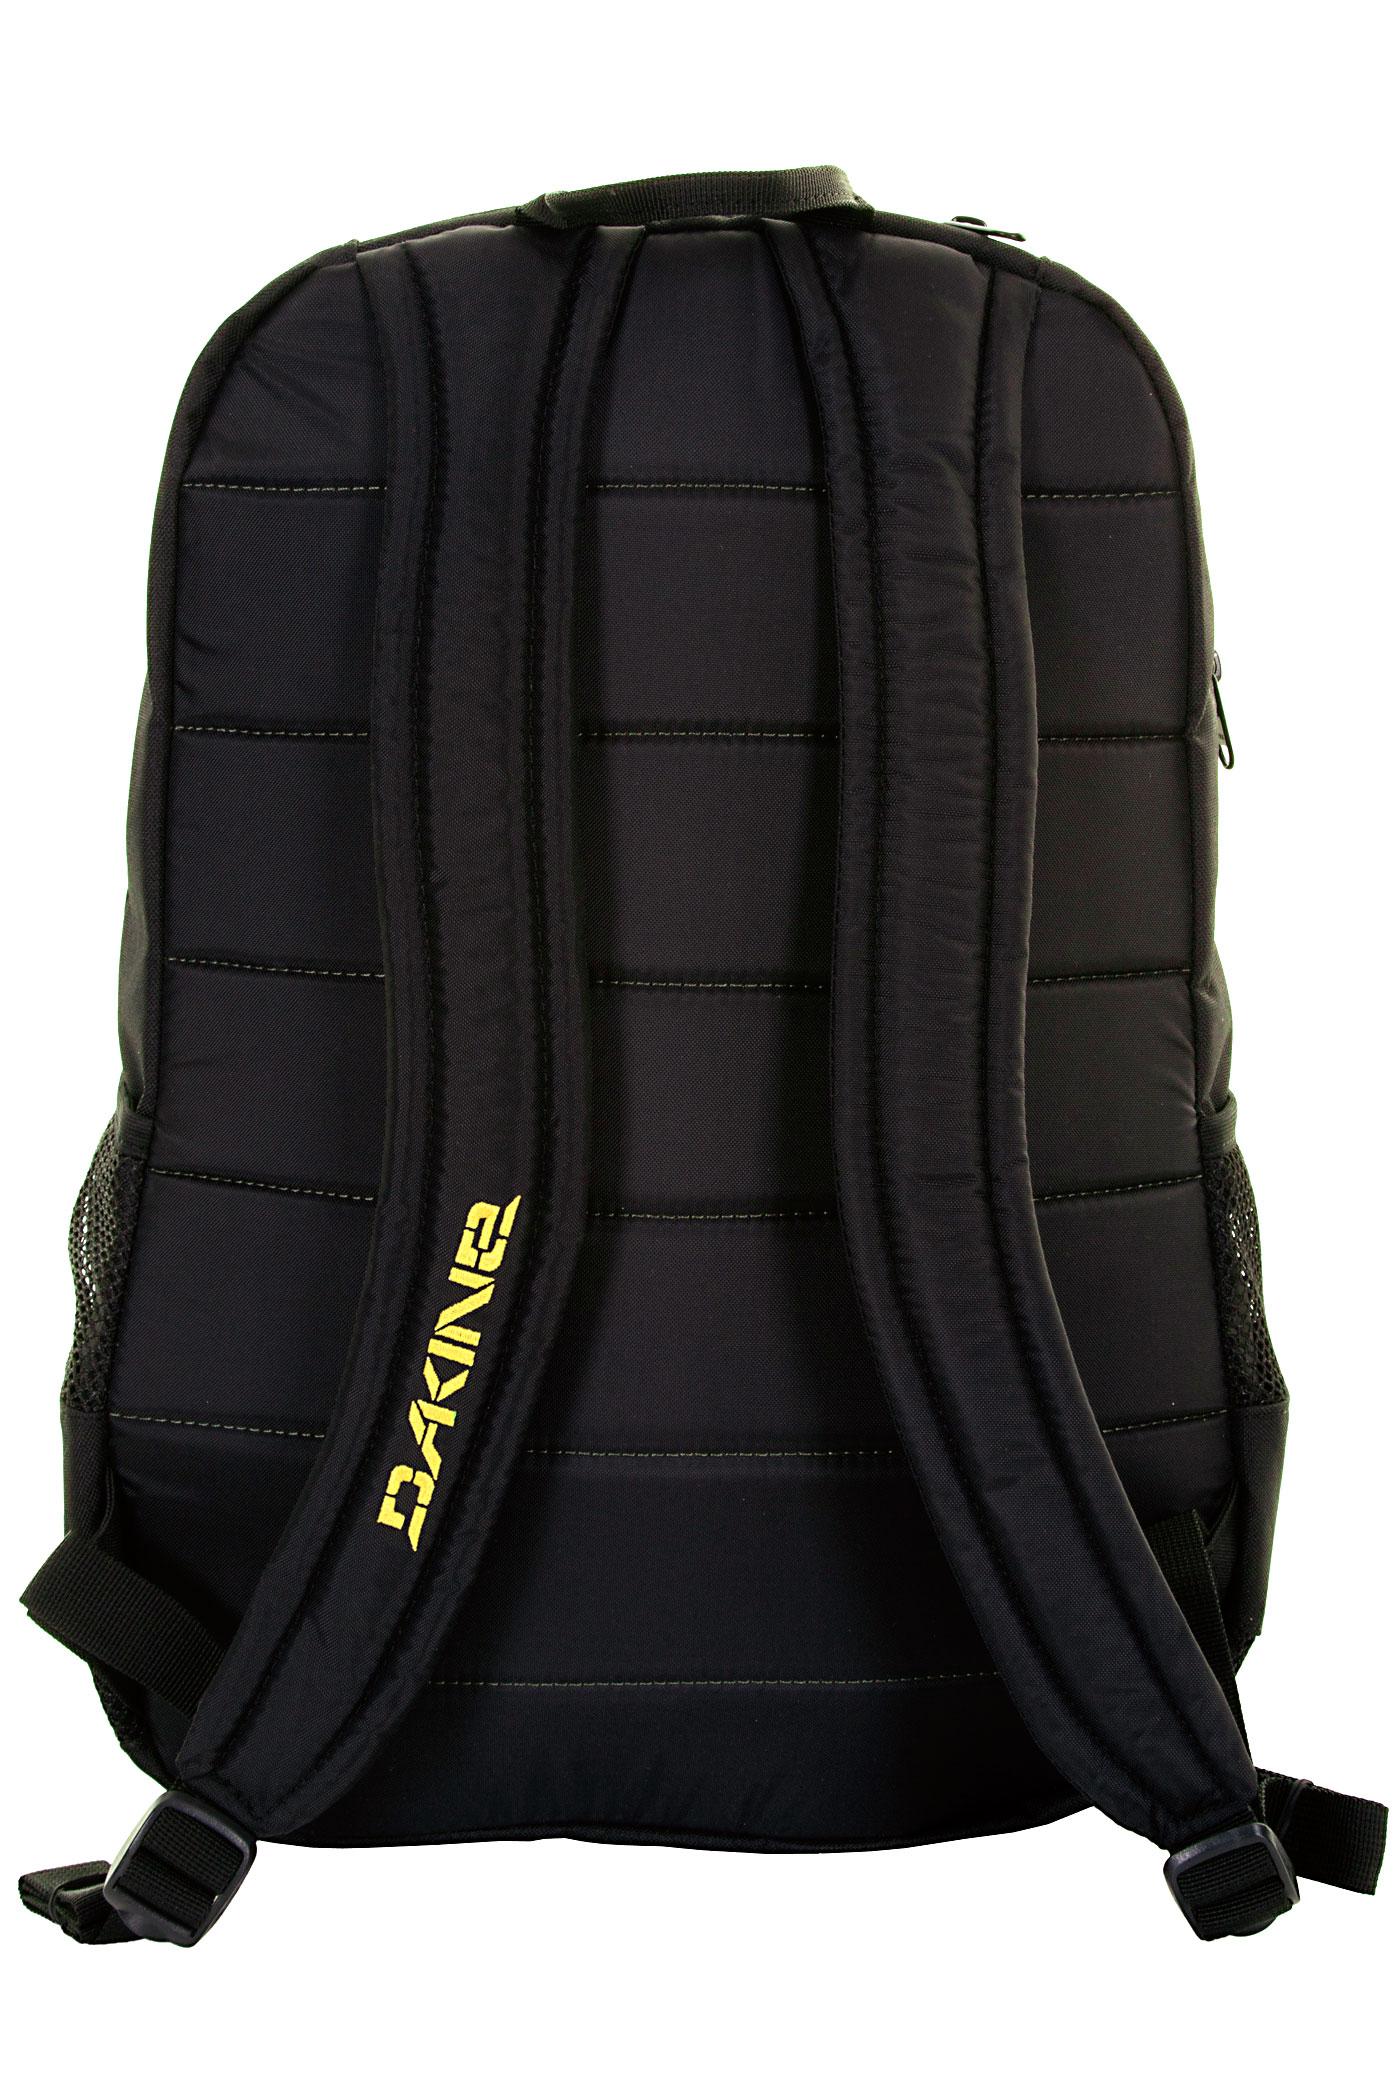 Dakine Option Backpack (kingston) buy at skatedeluxe